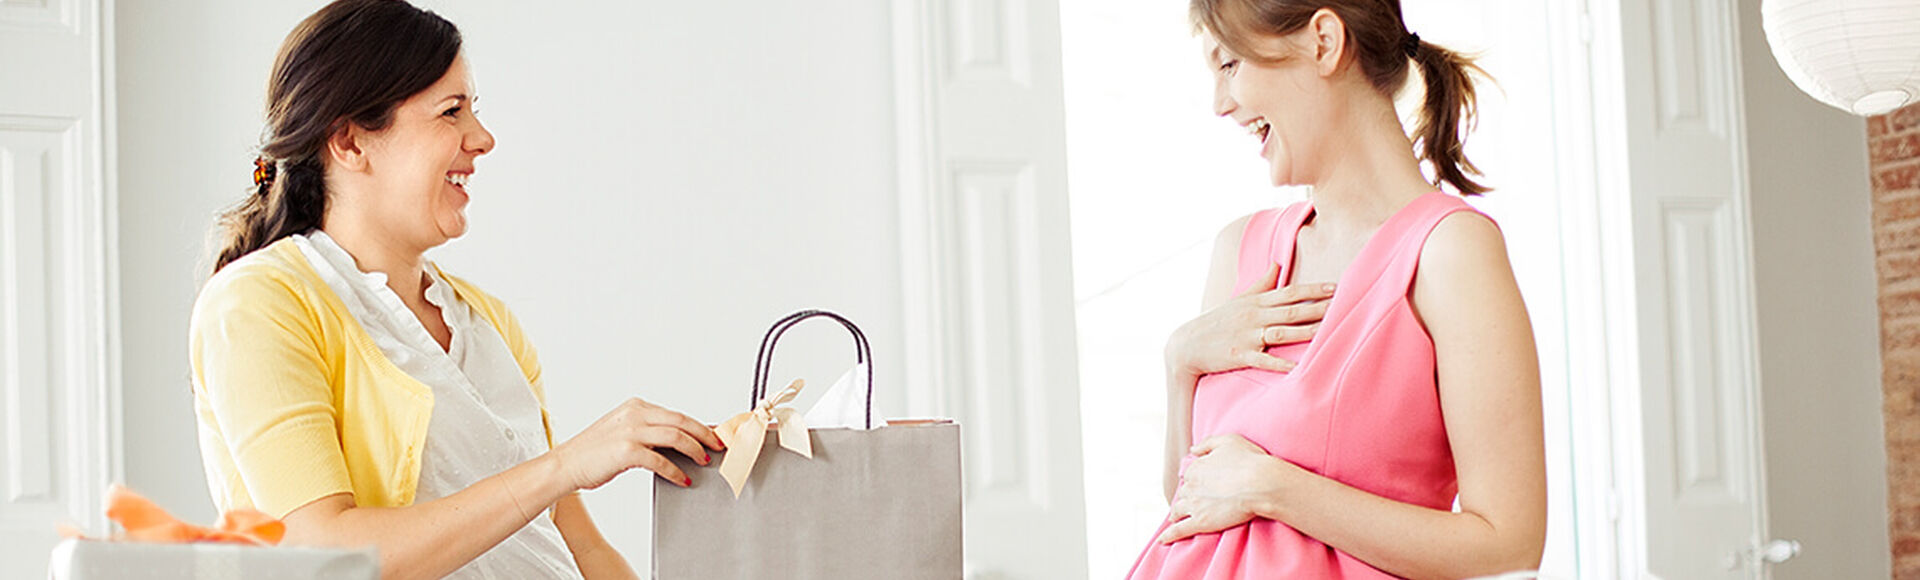 Ten en cuenta estos consejos para tus invitados | Más Abrazos by Huggies